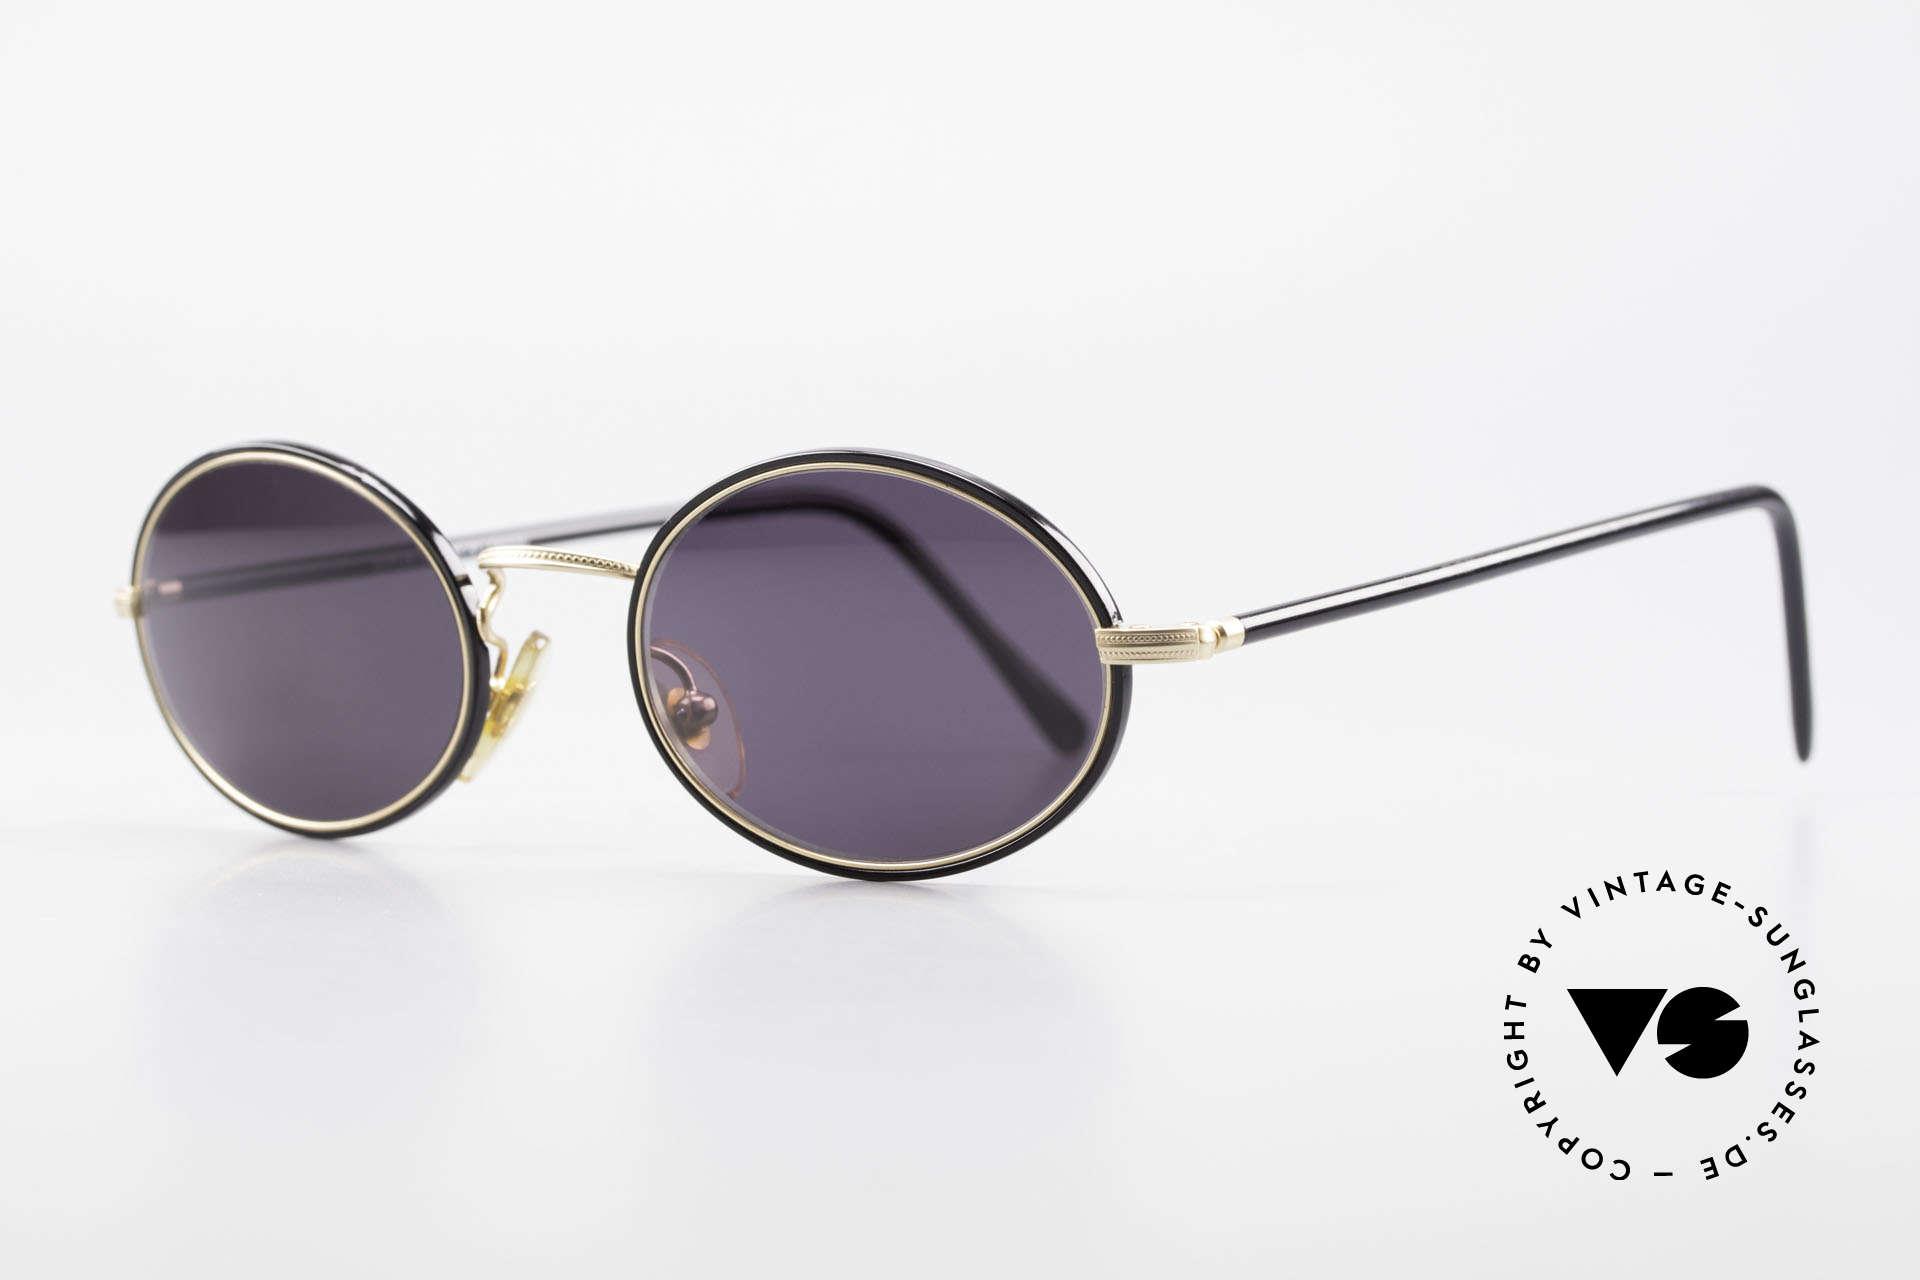 Cutler And Gross 0350 Ovale Vintage Sonnenbrille, stilvoll & unverwechselbar; auch ohne pompöse Logos, Passend für Herren und Damen